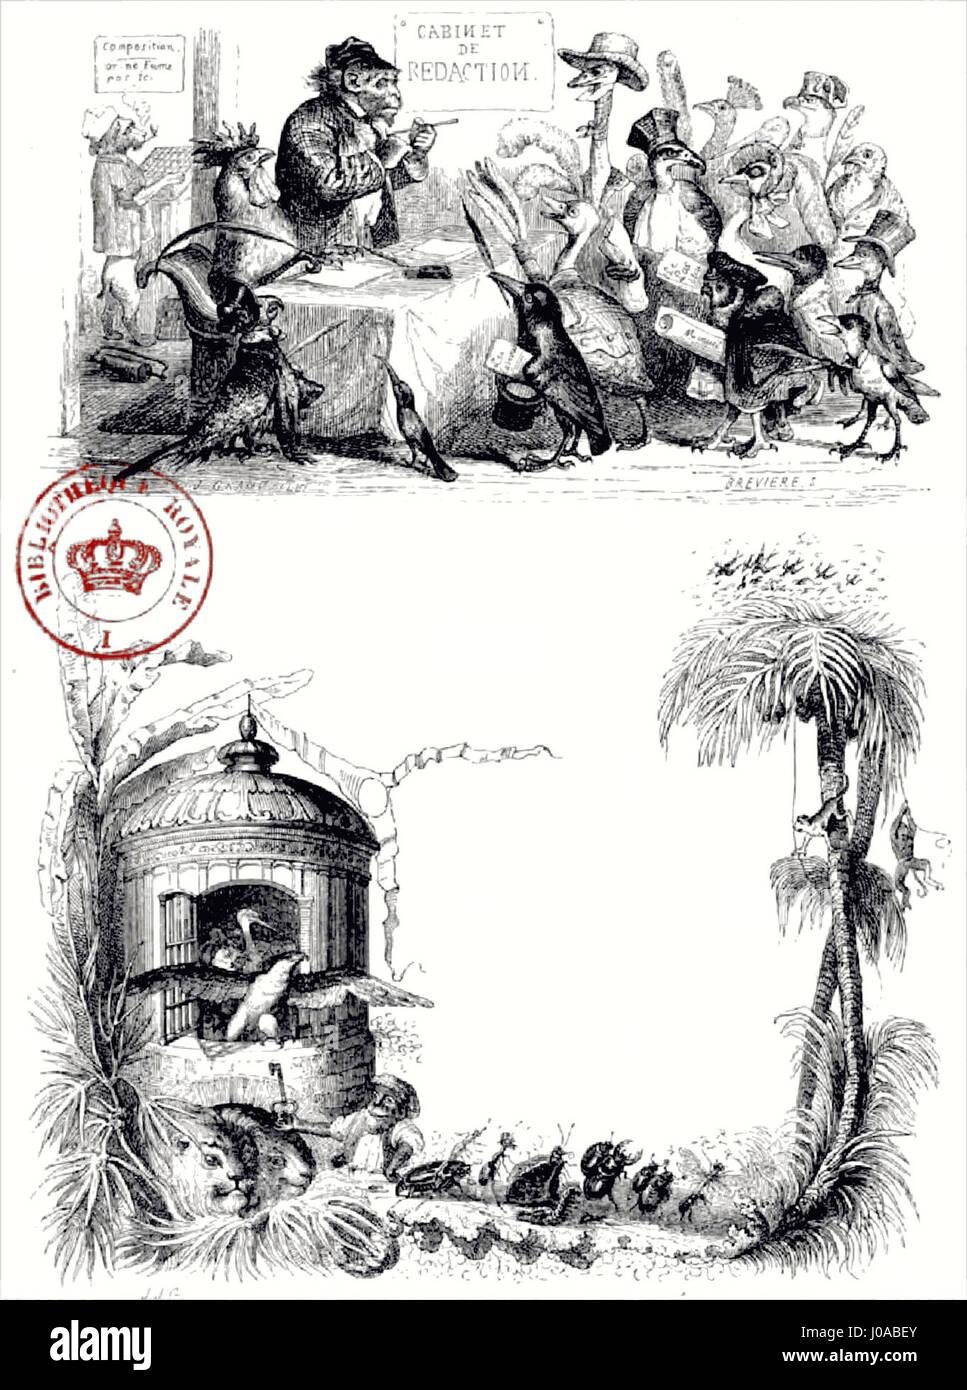 Scènes de la vie privée et publique des animaux, tome 1 0033 - Stock Image